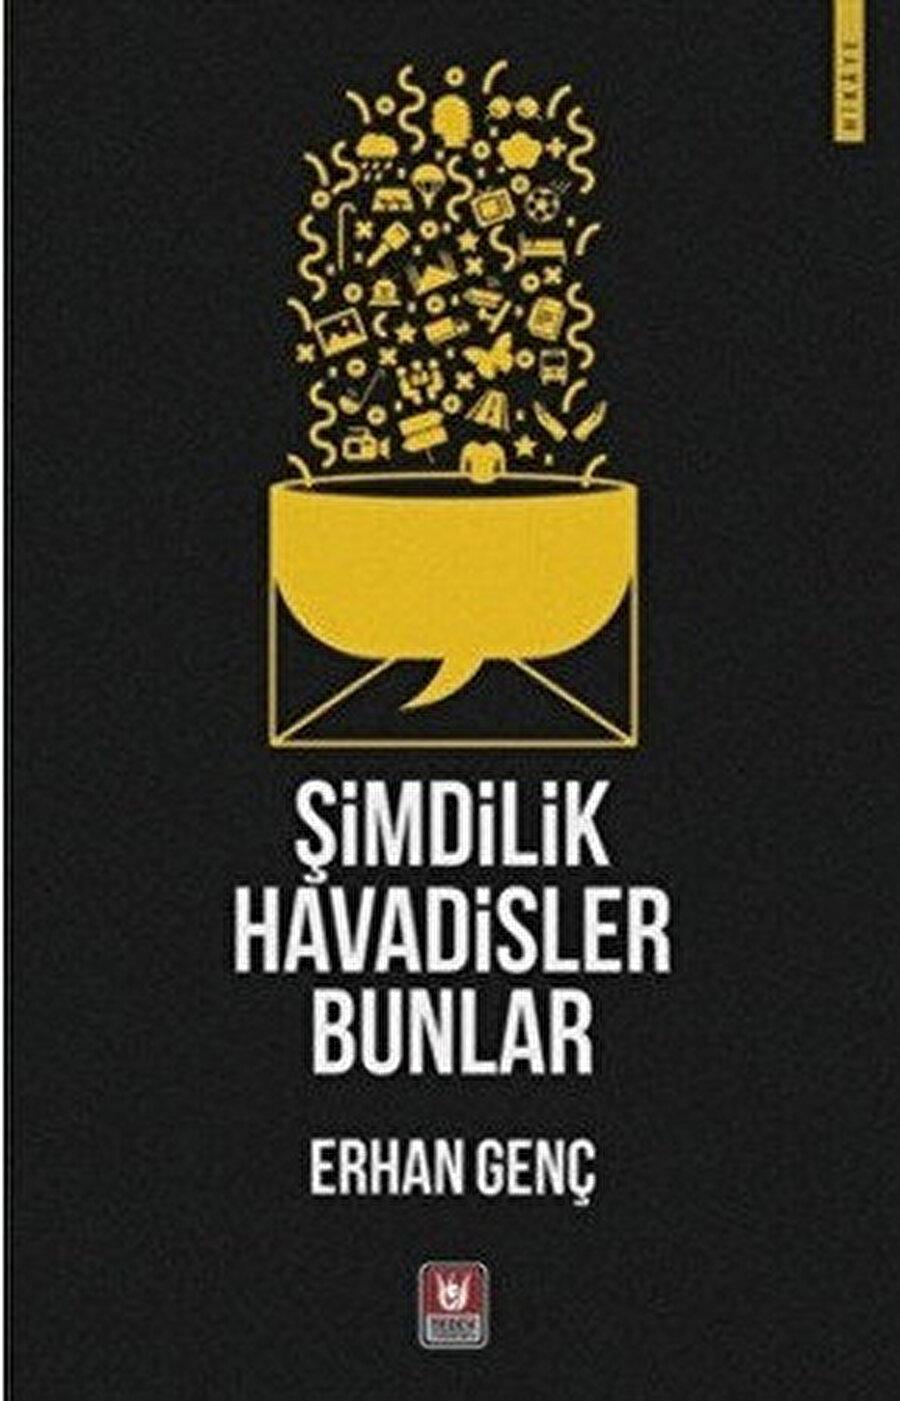 Şimdilik Havadisler Bunlar, son üç sene içerisinde Türk Edebiyatı, Dergâh, Mahalle Mektebi ve Karahindiba dergilerinde yayımladığım hikayelerden meydana geldi.